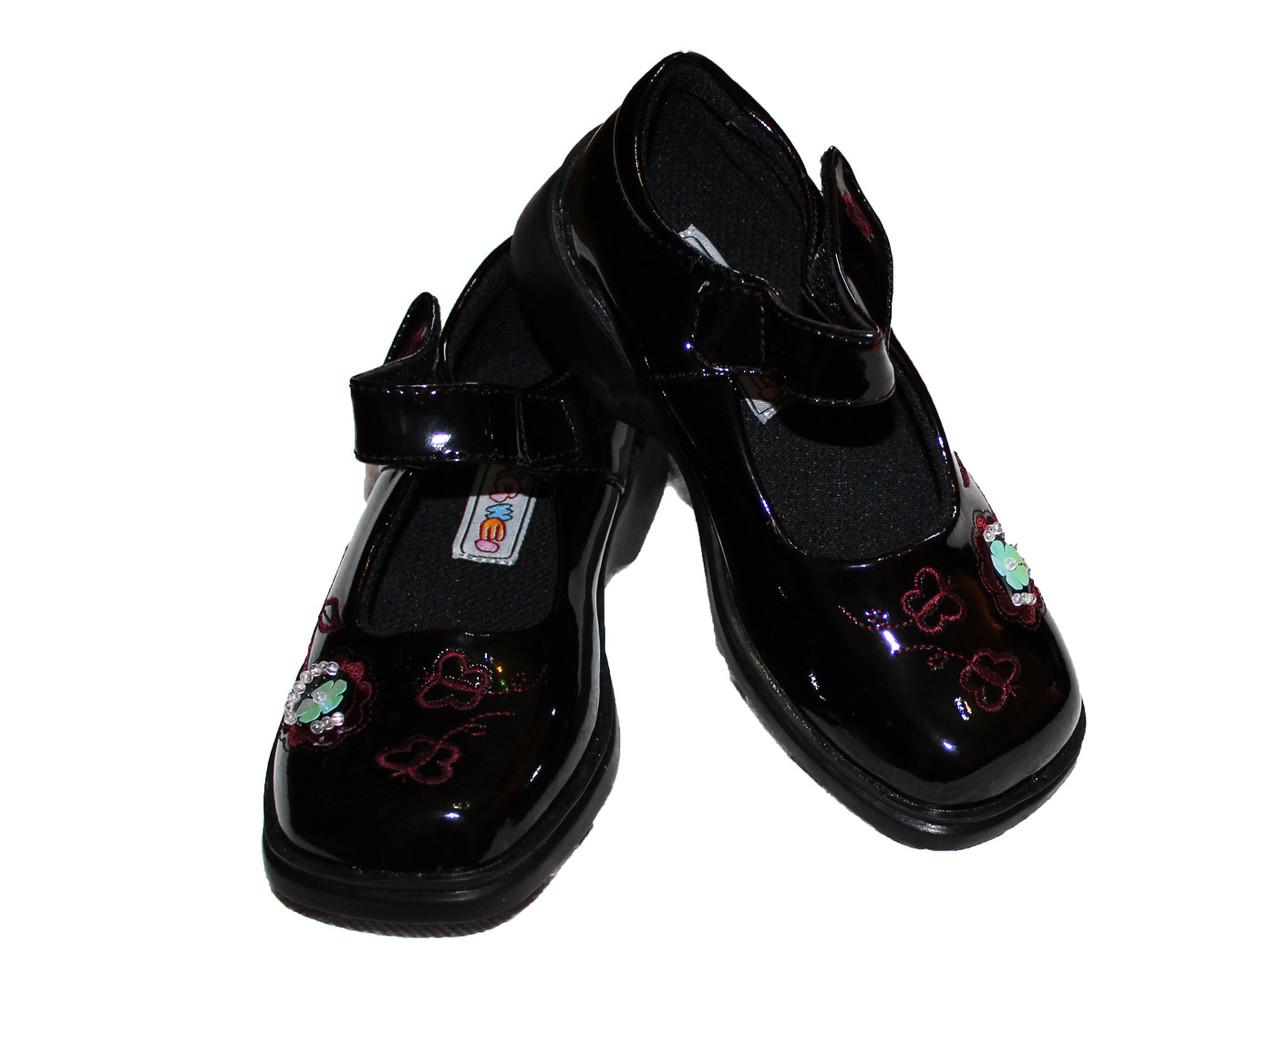 Туфлі для дівчаток оптом. Взуття оптом. Модель №55716